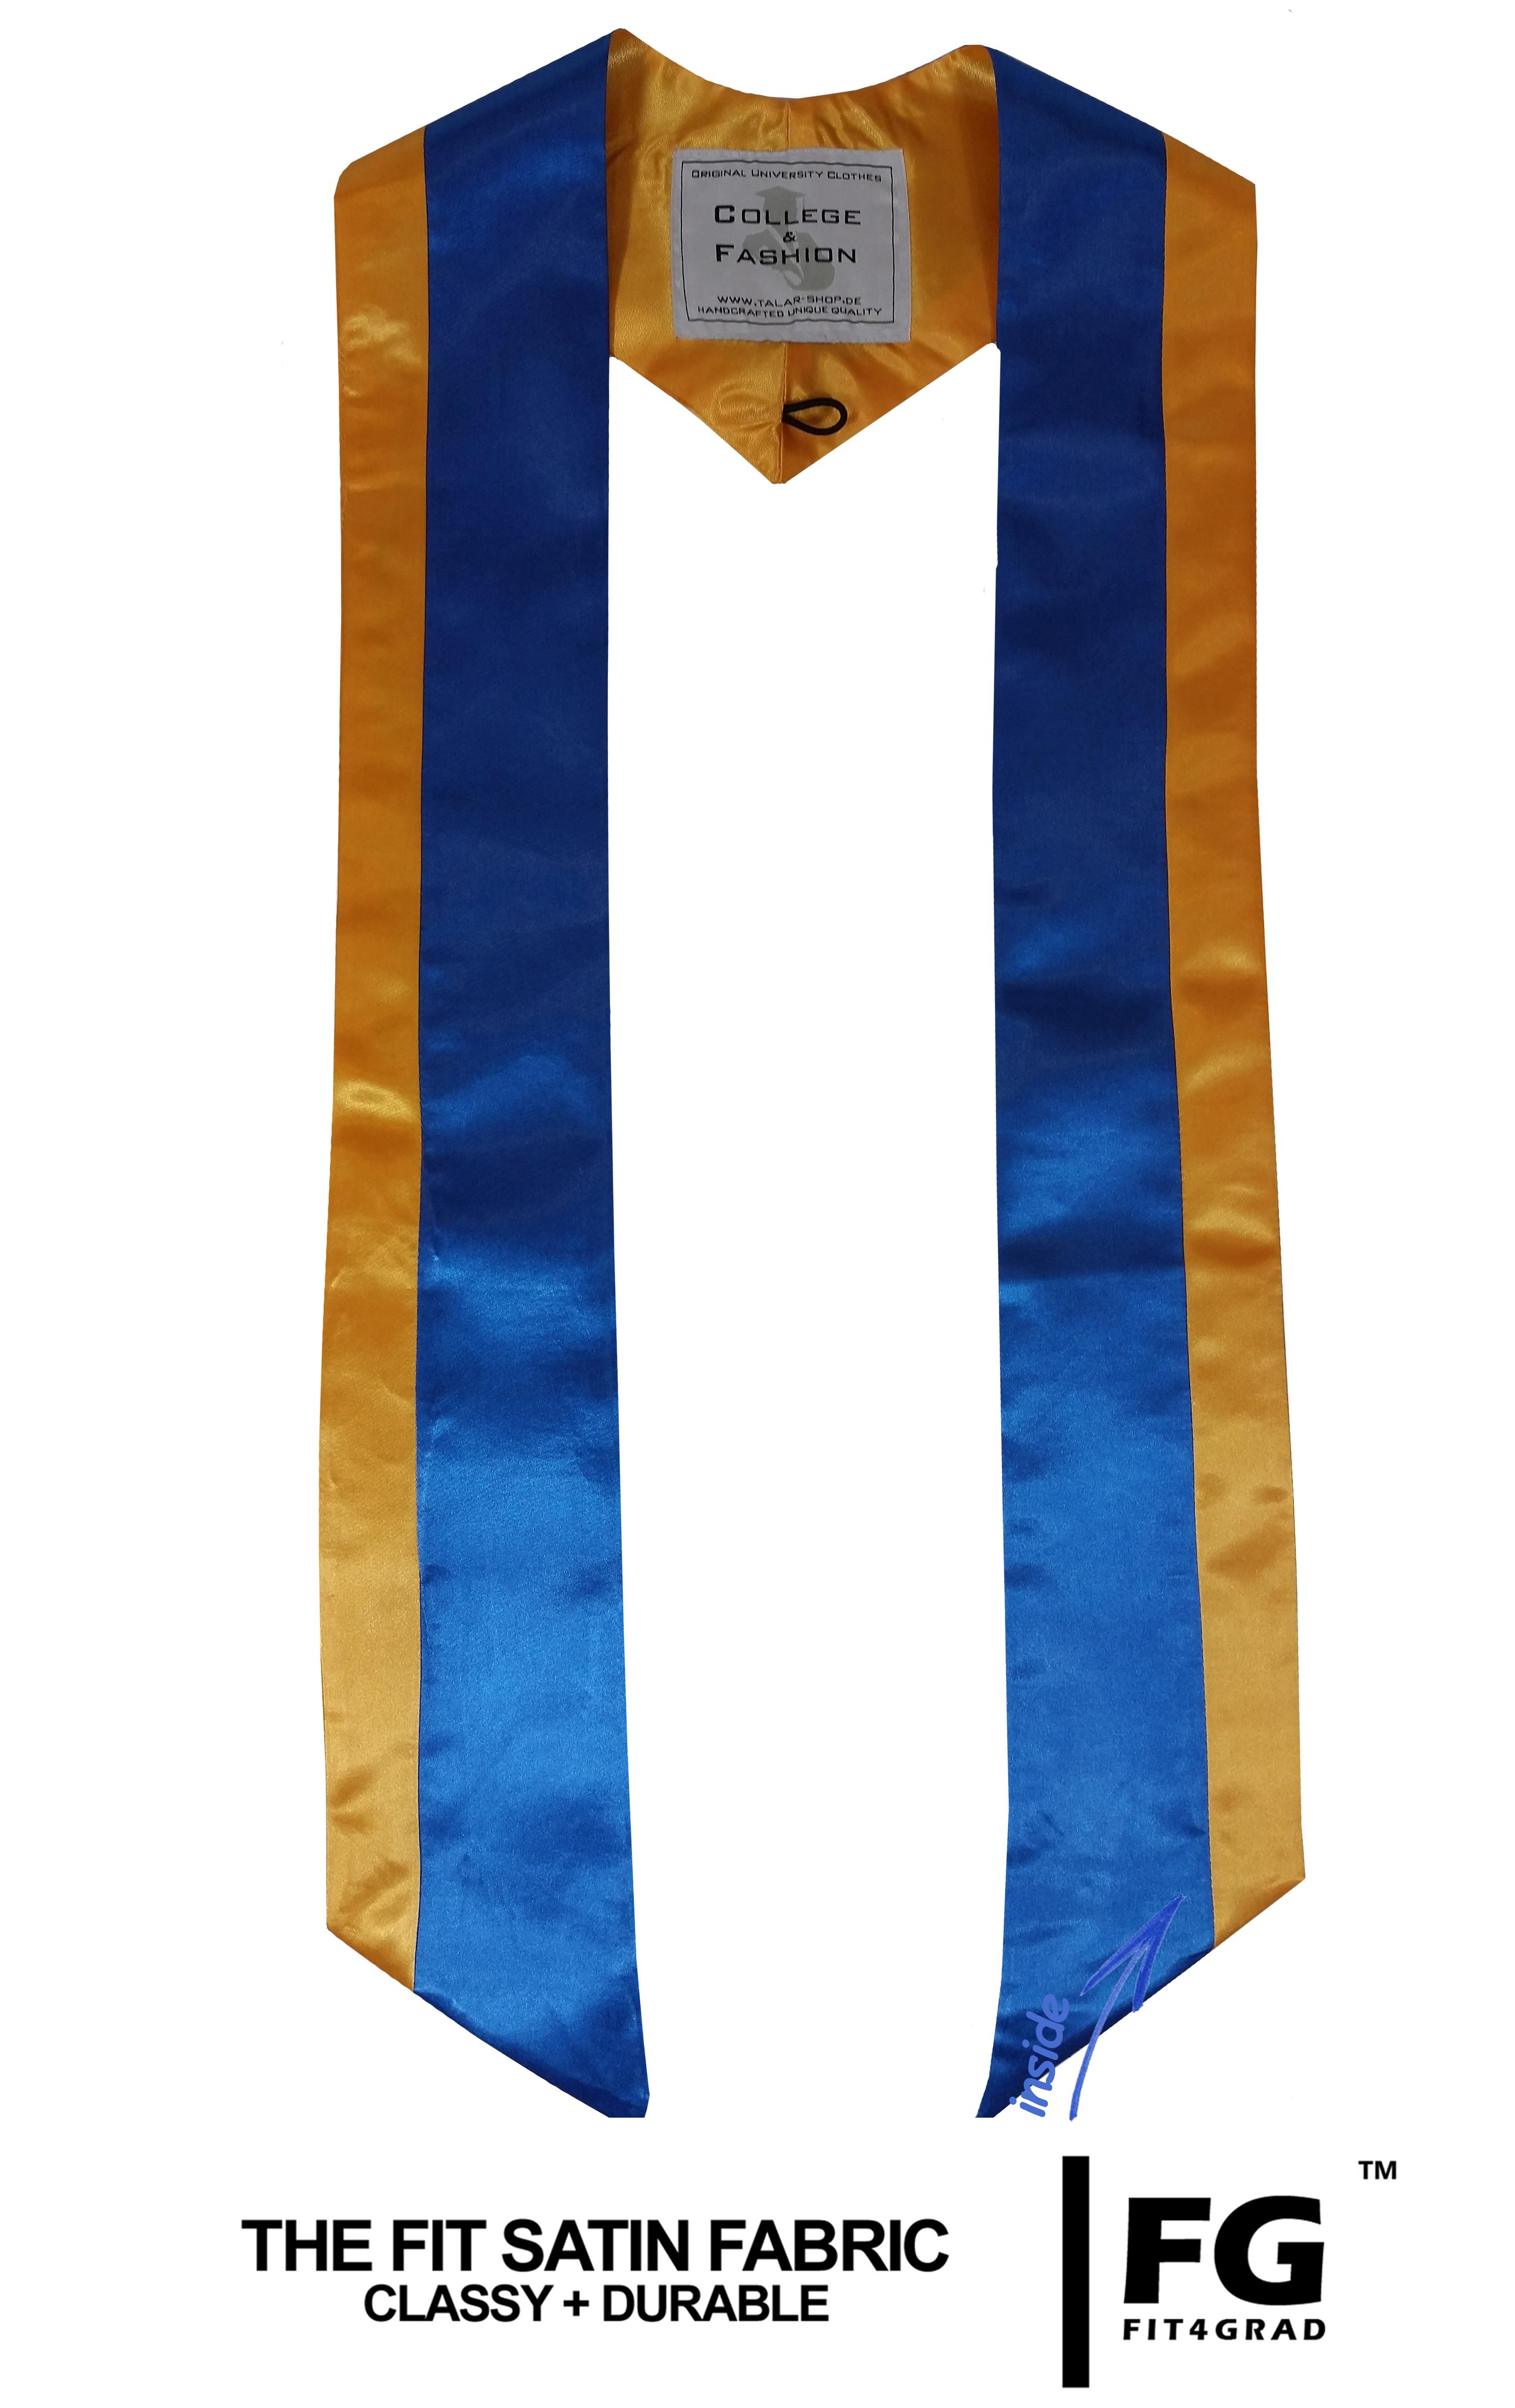 mehrfarbige Schärpe in gelb/blau